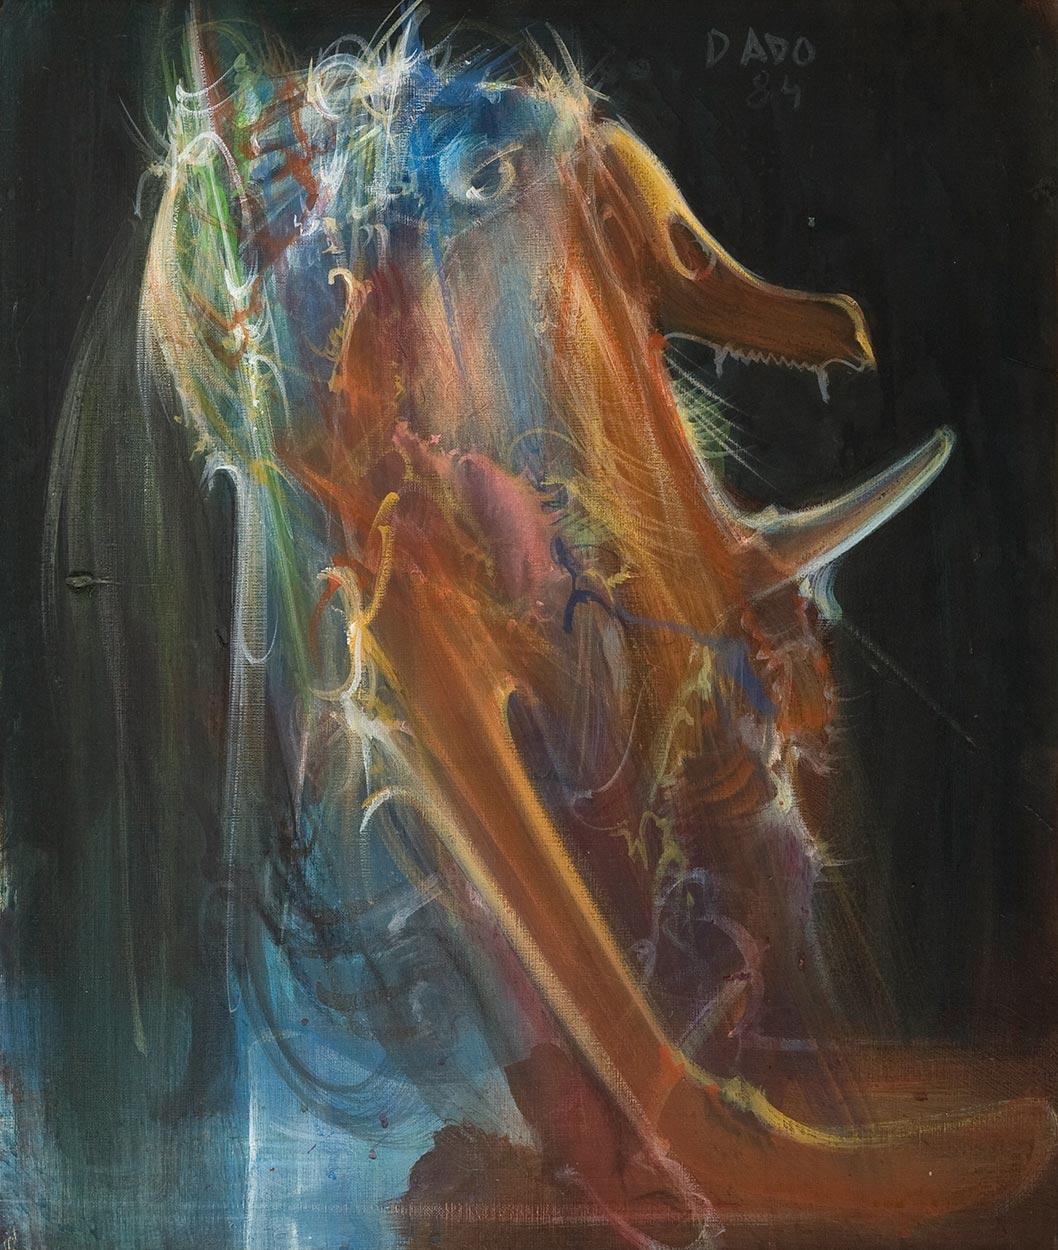 Le Fantôme, 1984